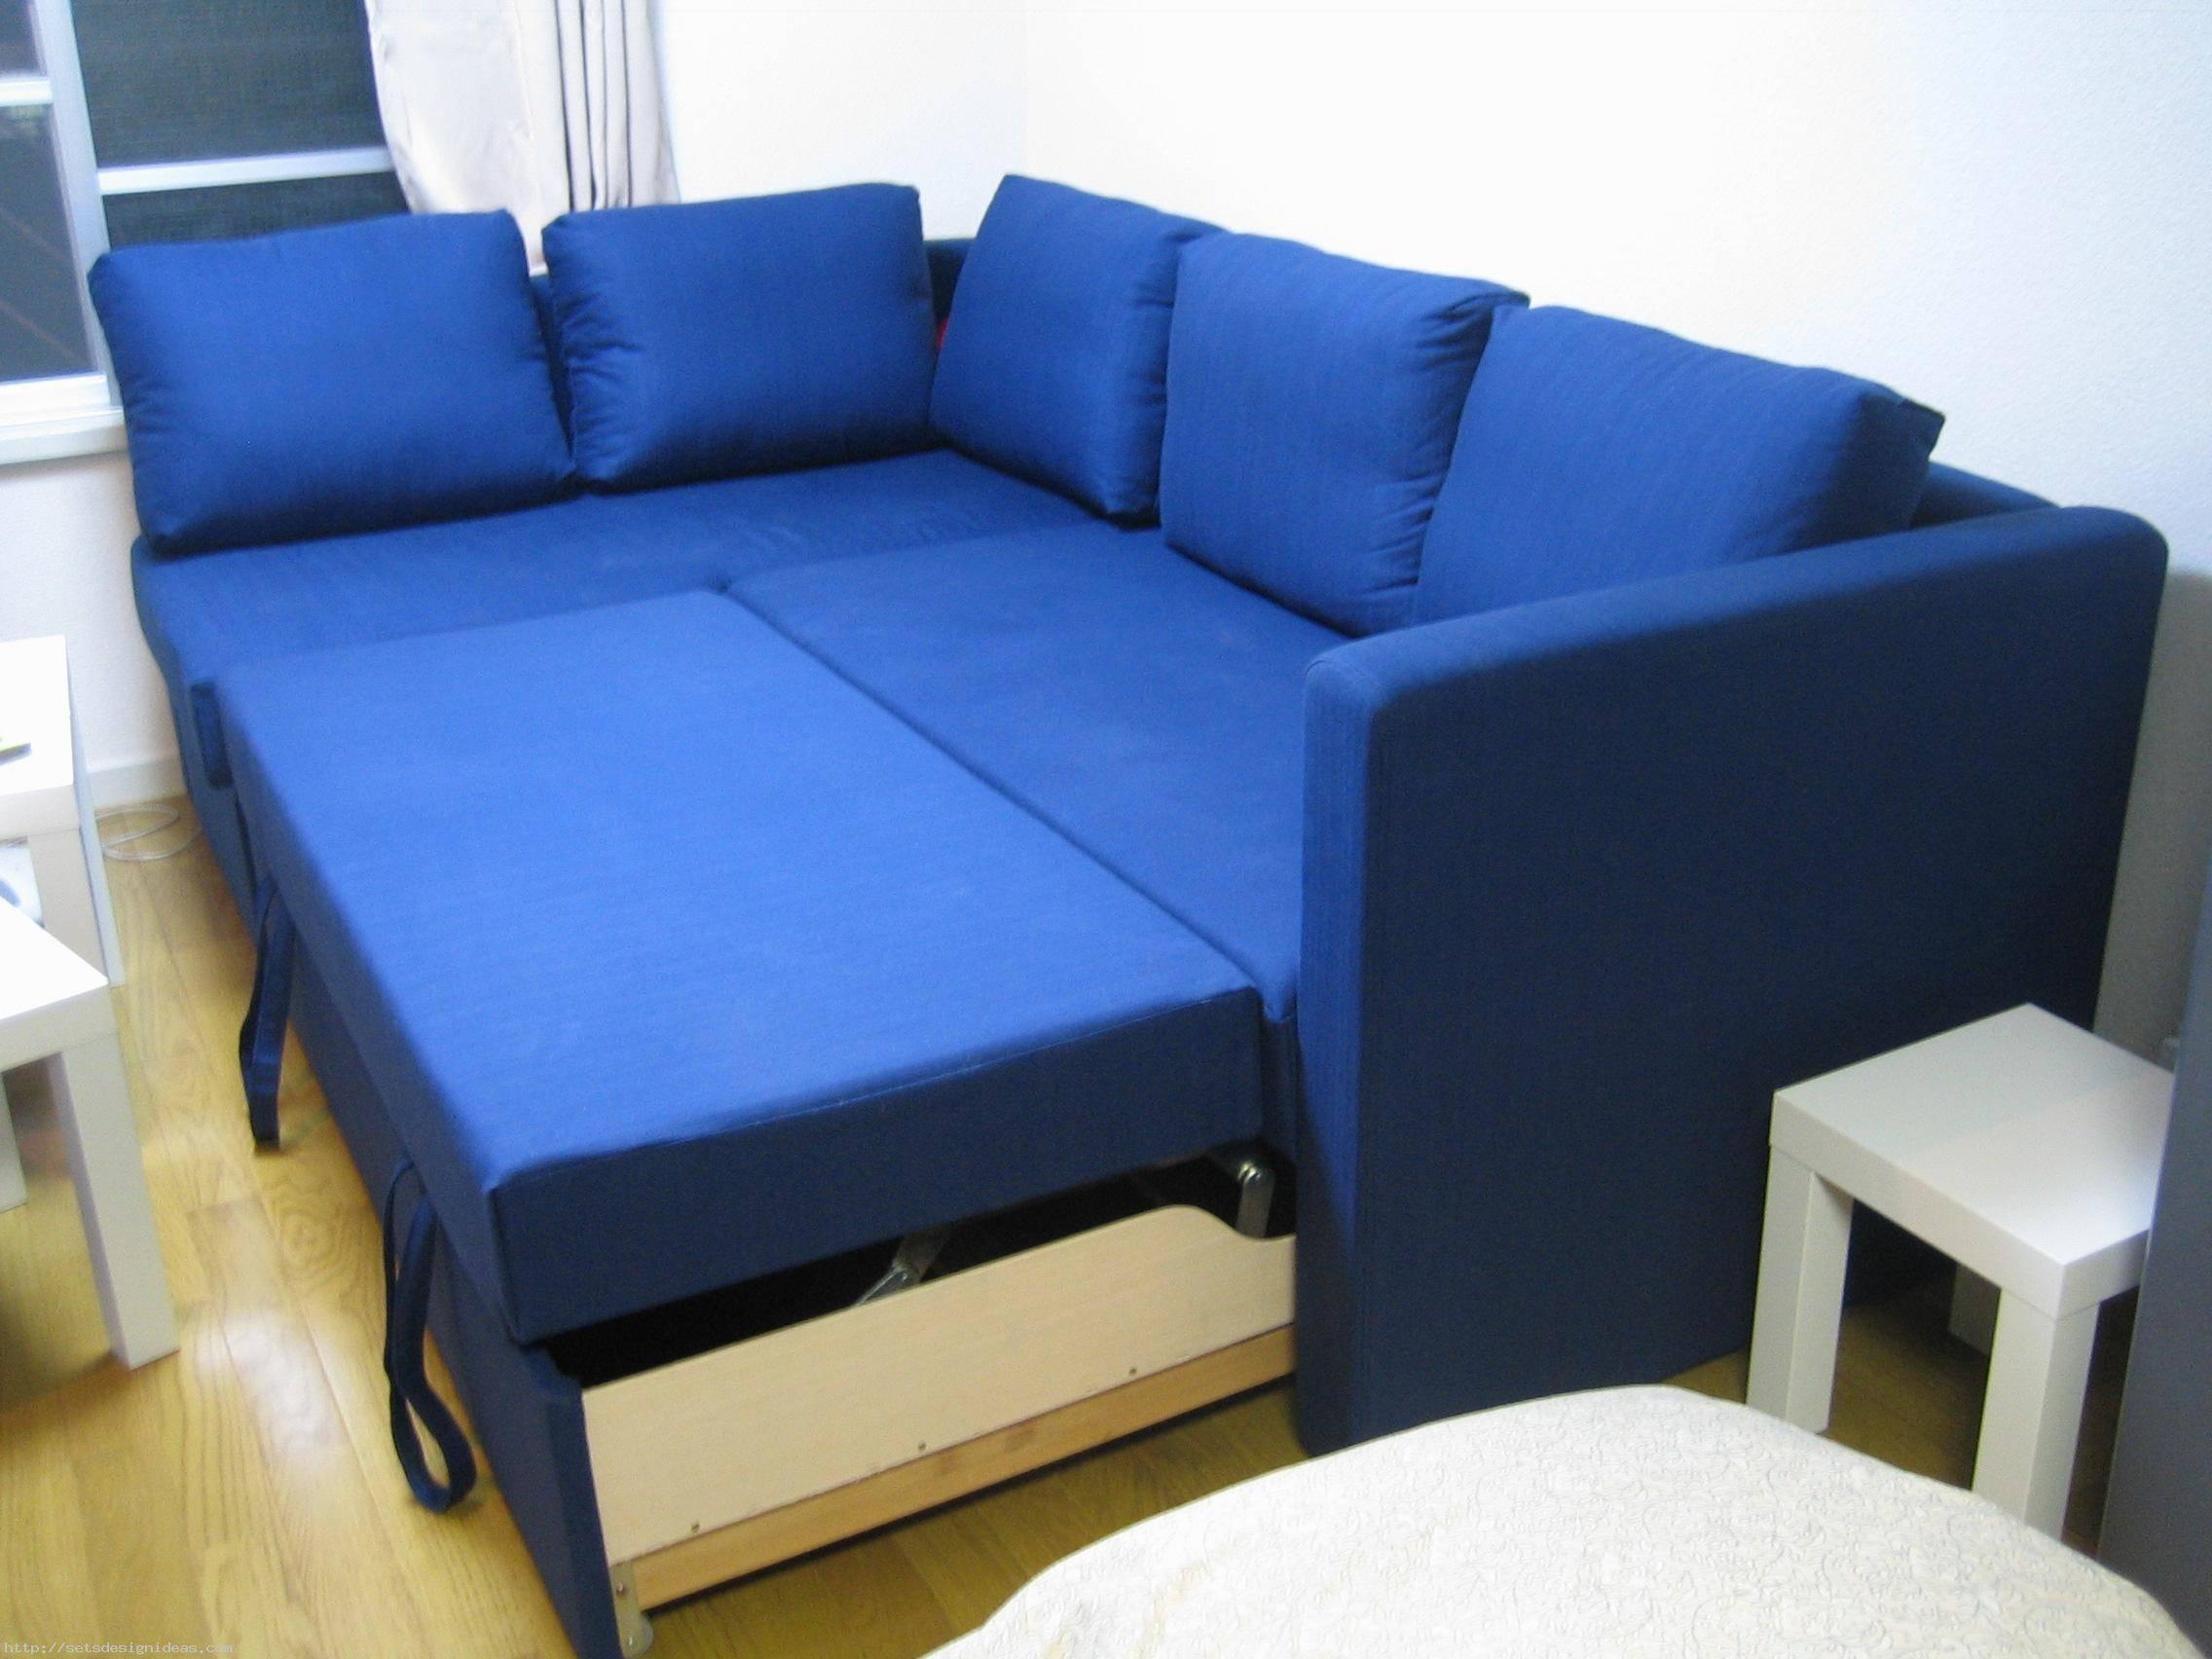 Ikea Sectional Sofa Blue Colour Seat Contemporary Beautifull for Storage Sofa Ikea (Image 19 of 25)